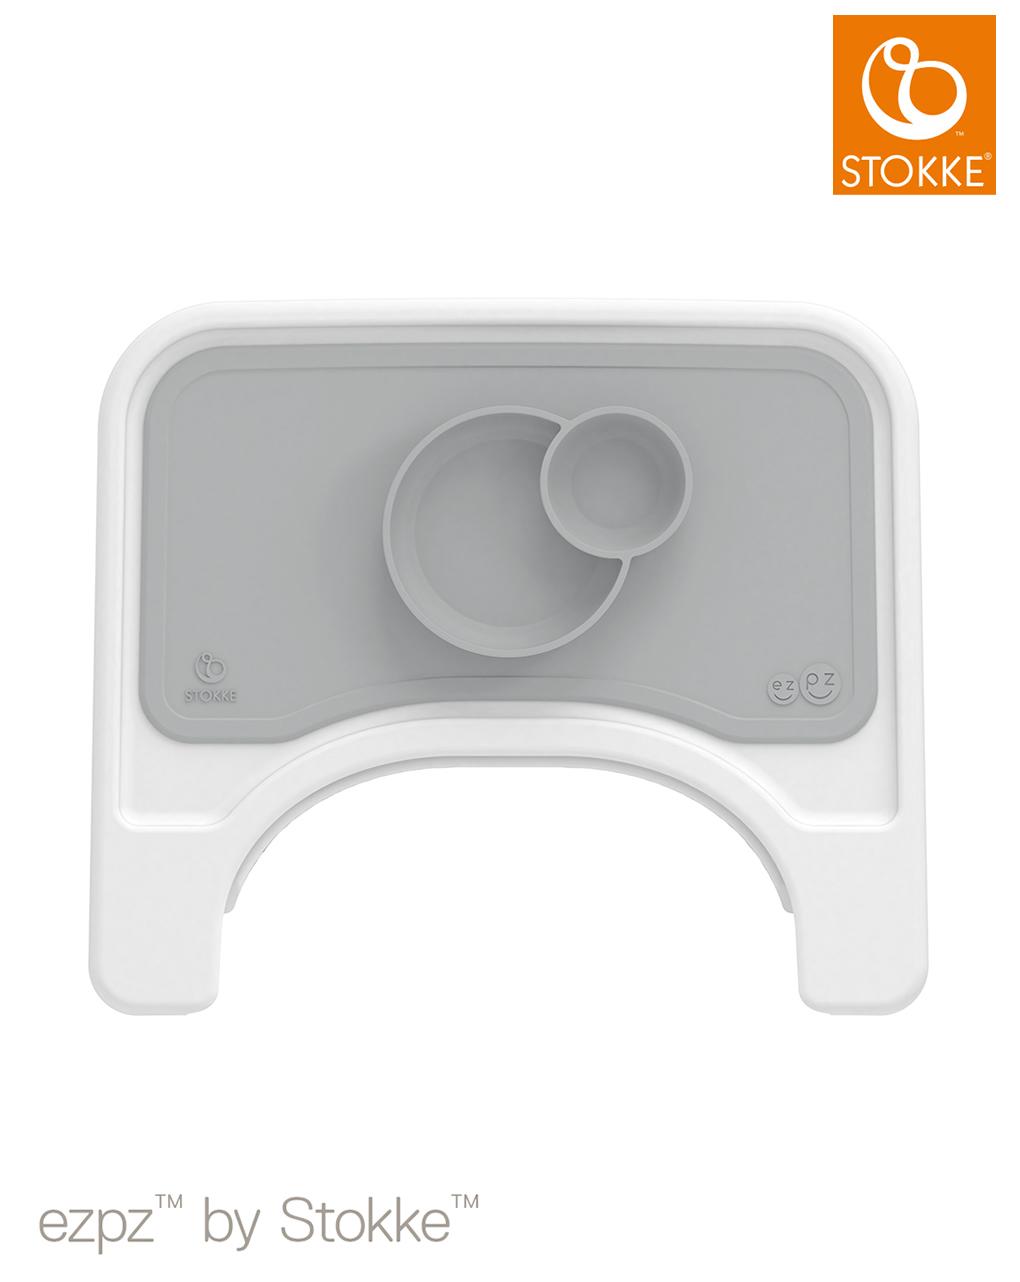 Ezpz™ by stokke™ per steps™ - grey - Stokke